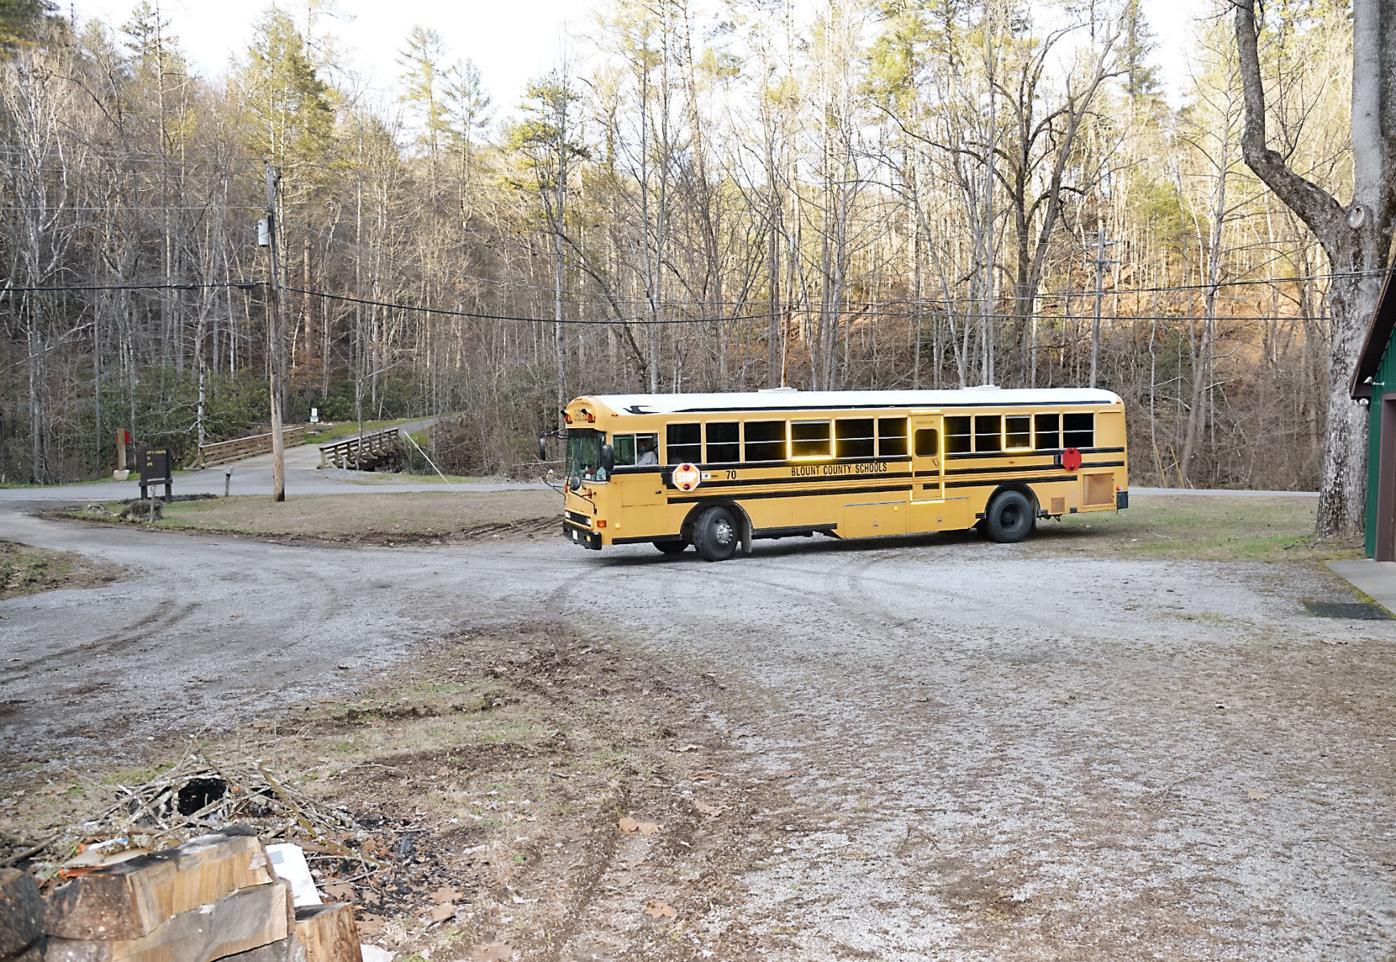 School bus turn on East Millers Cove Road